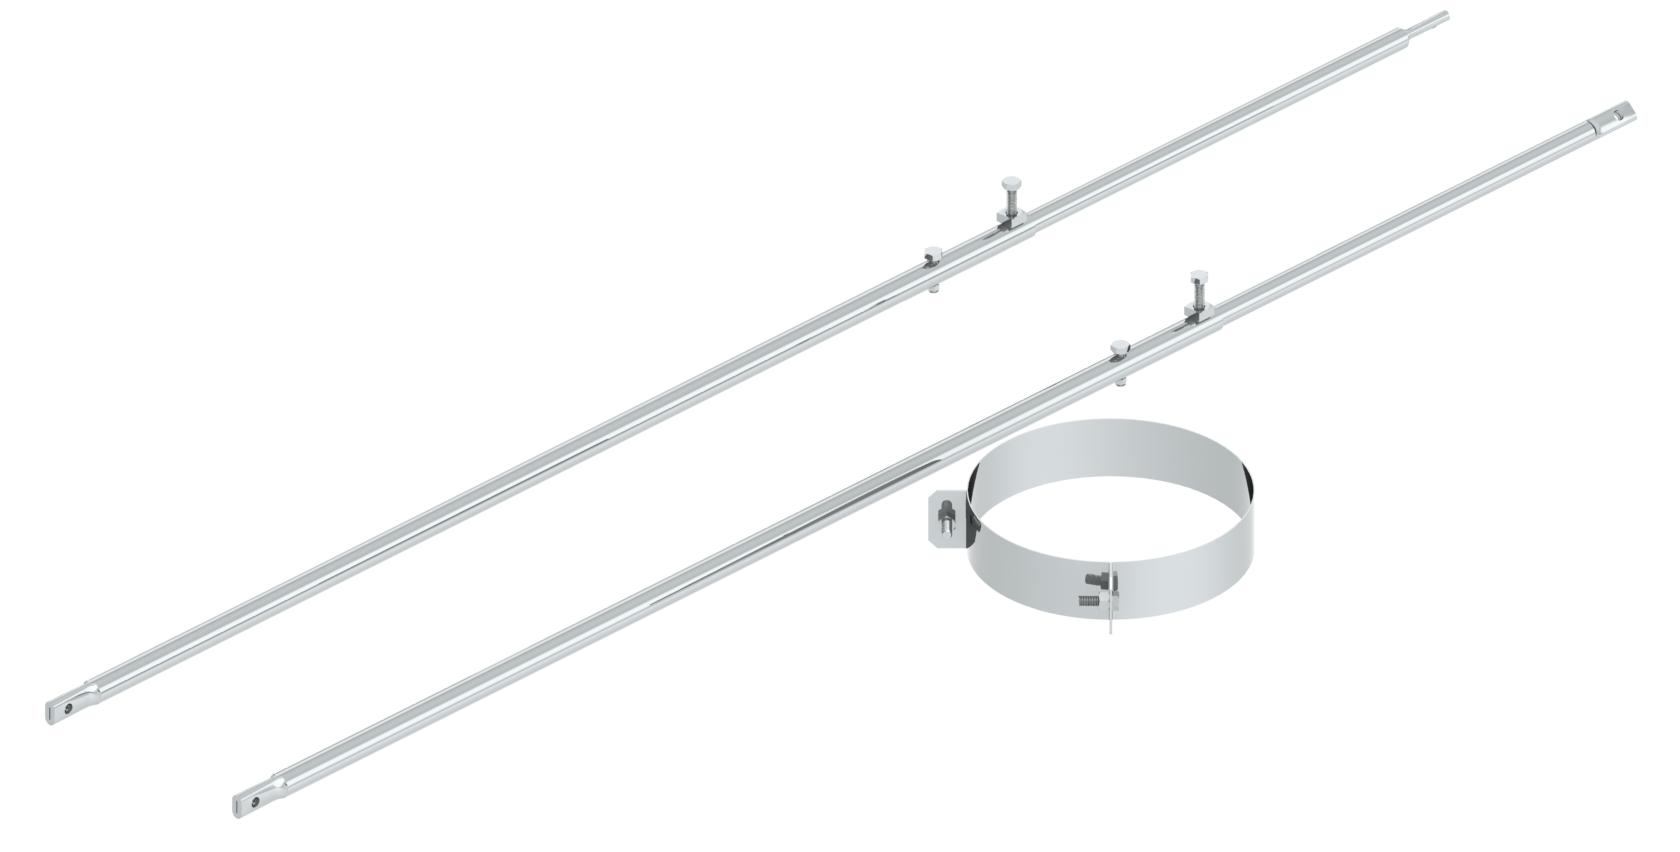 Edelstahlschornstein - 2-Punktabspannung mit Rundrohr verschiedene Längen - Jeremias DW-ECO